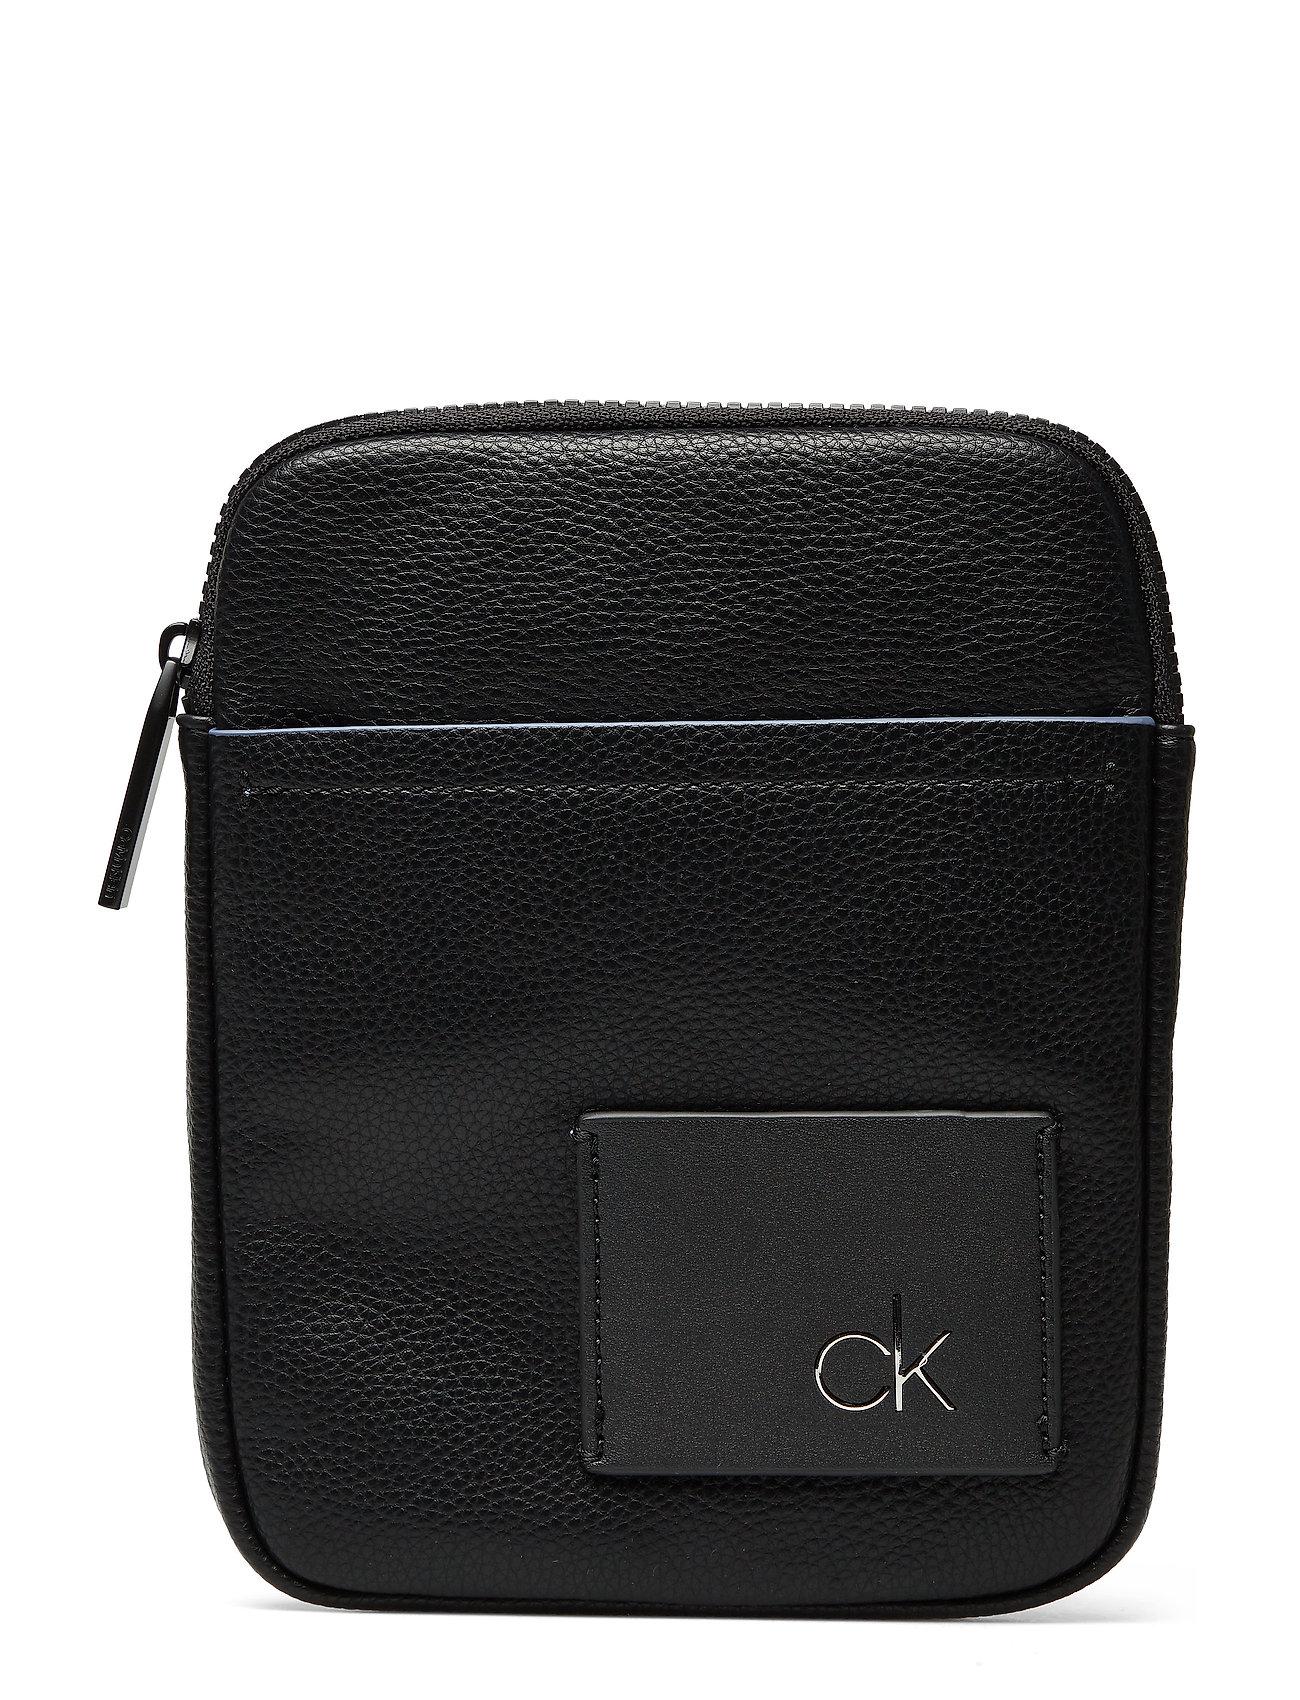 CALVIN KLEIN Ck Direct Mini Flat Schultertasche Tasche Schwarz CALVIN KLEIN